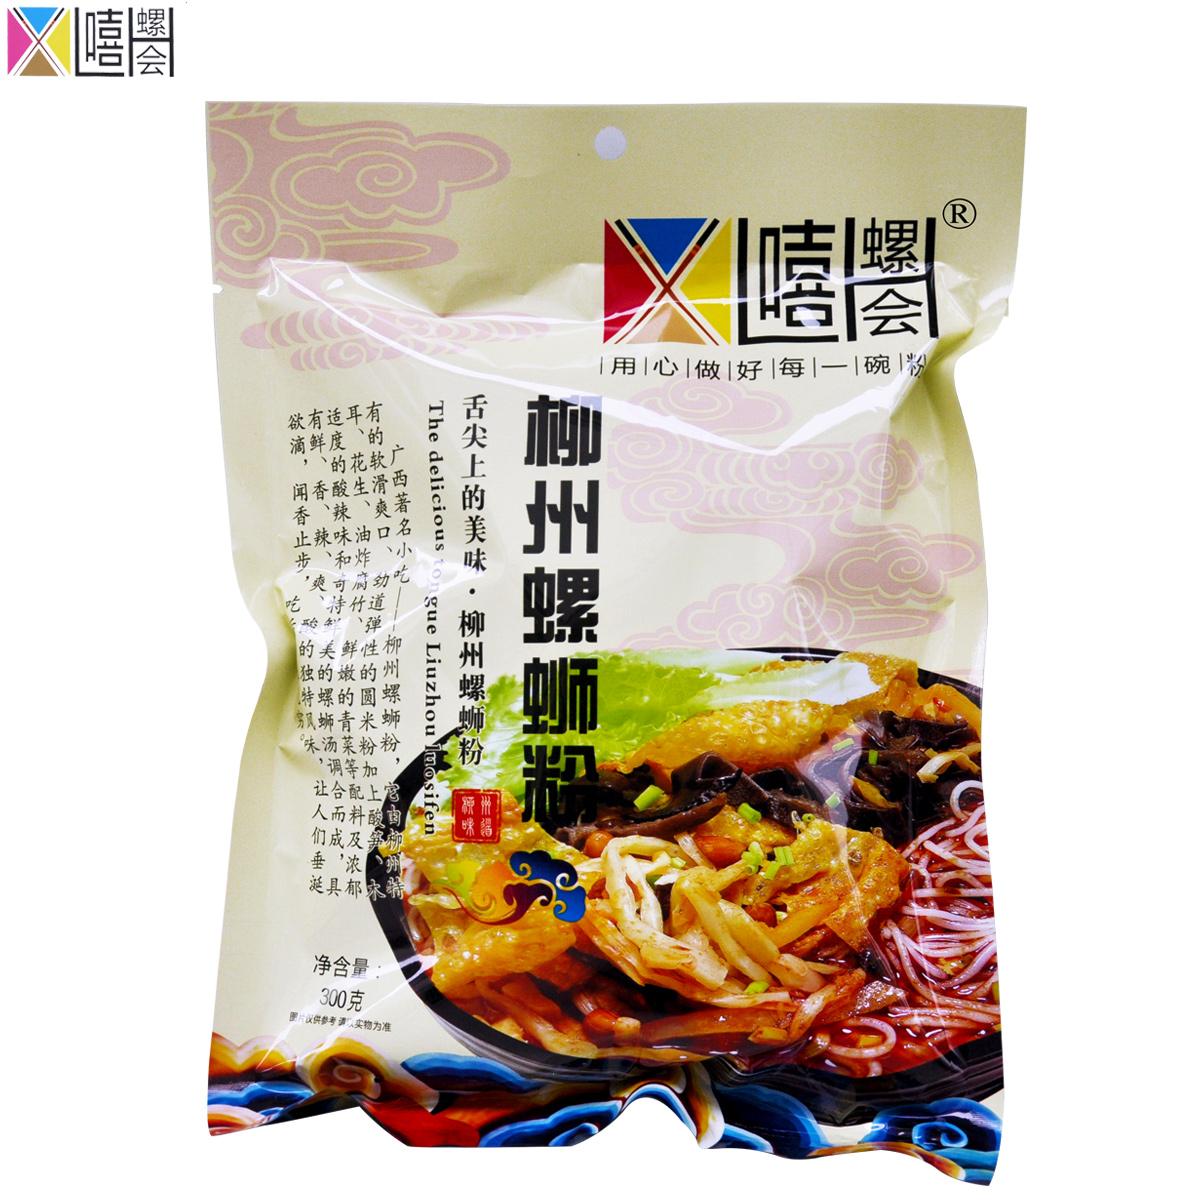 嘻螺会 螺蛳粉300g*3包原味螺丝粉速食广西柳州螺狮粉